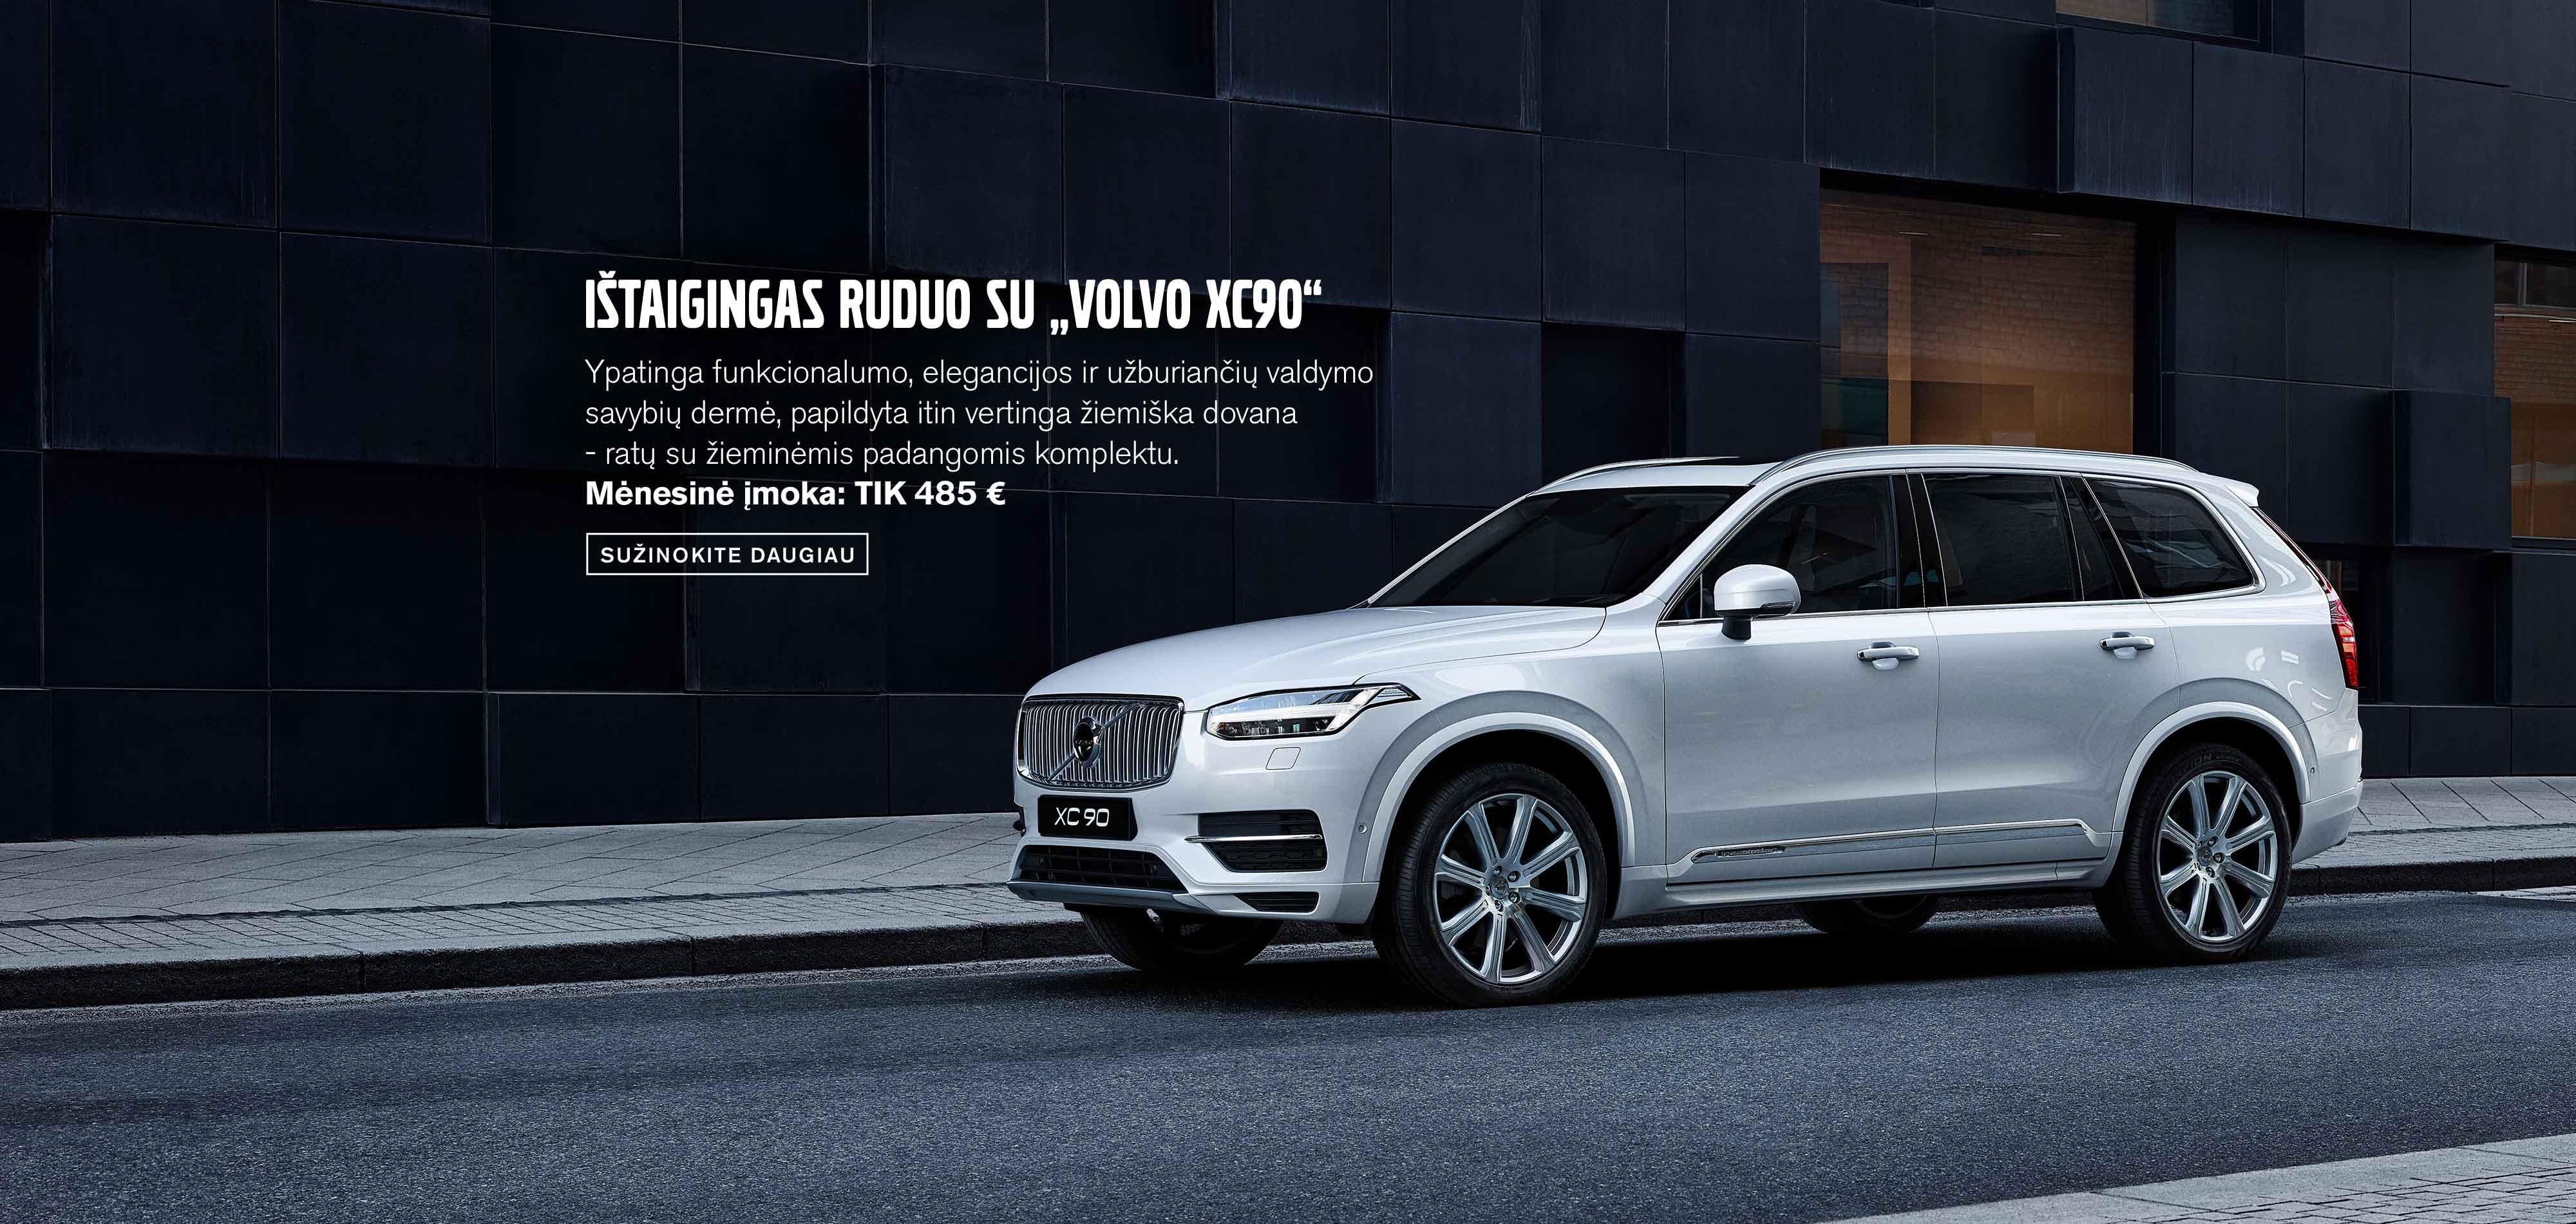 """Ištaigingas ruduo su """"Volvo XC90"""""""